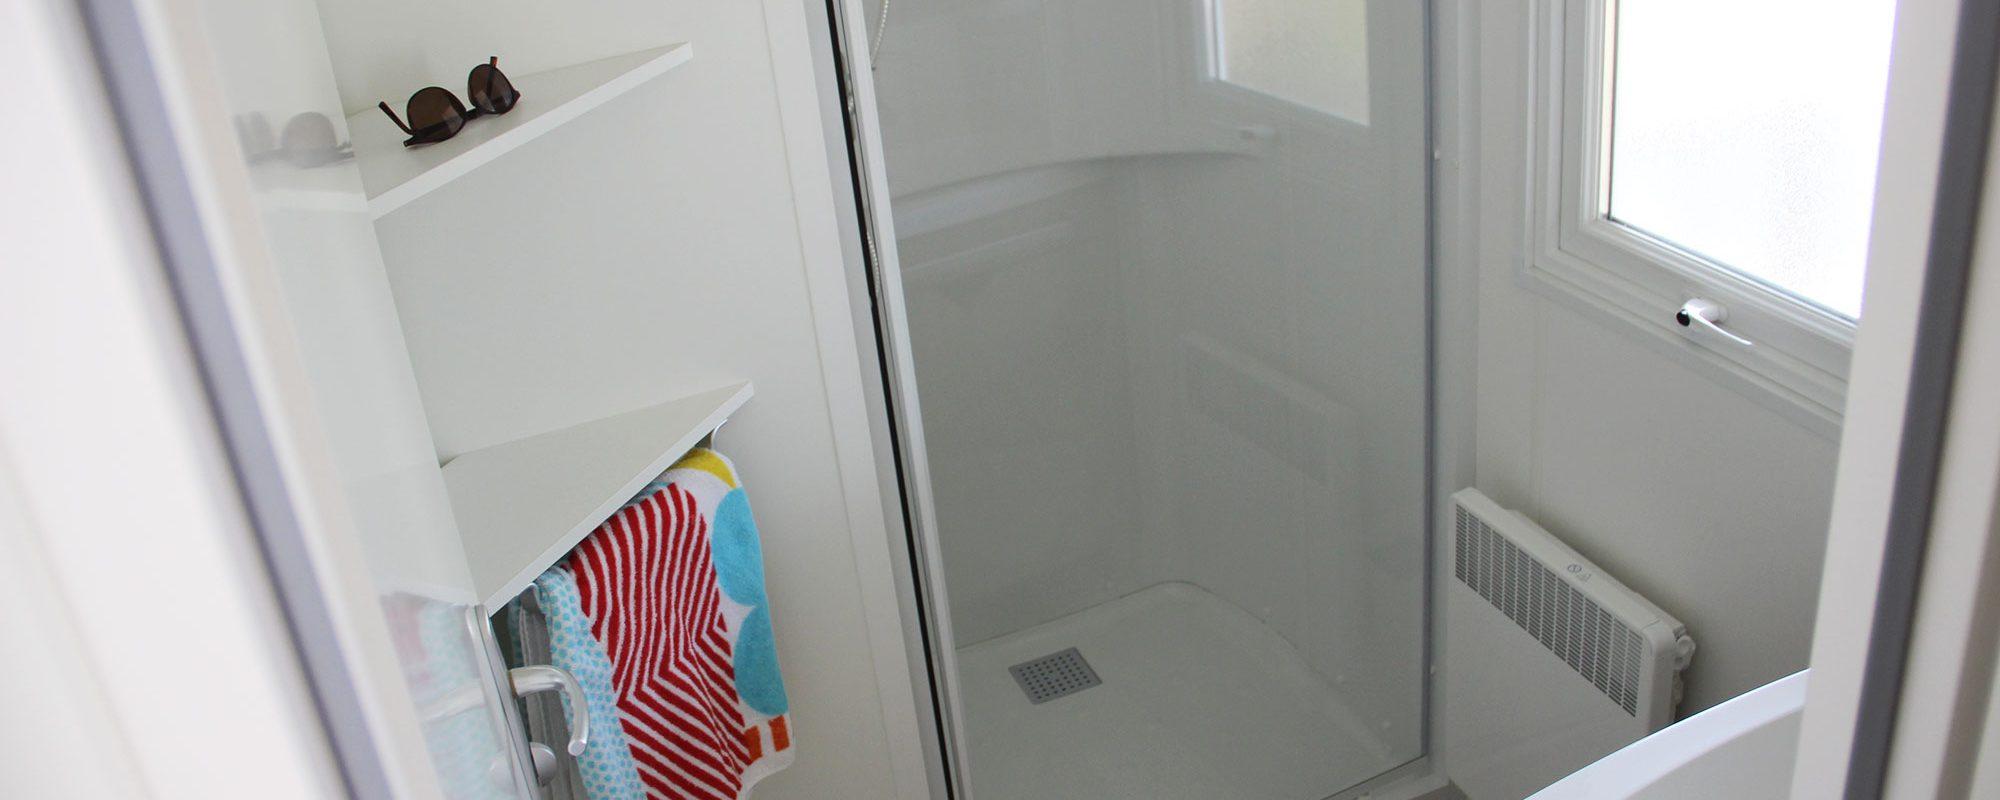 salle de bain du mobilhome cordelia en vente camping à proximité de Guérande